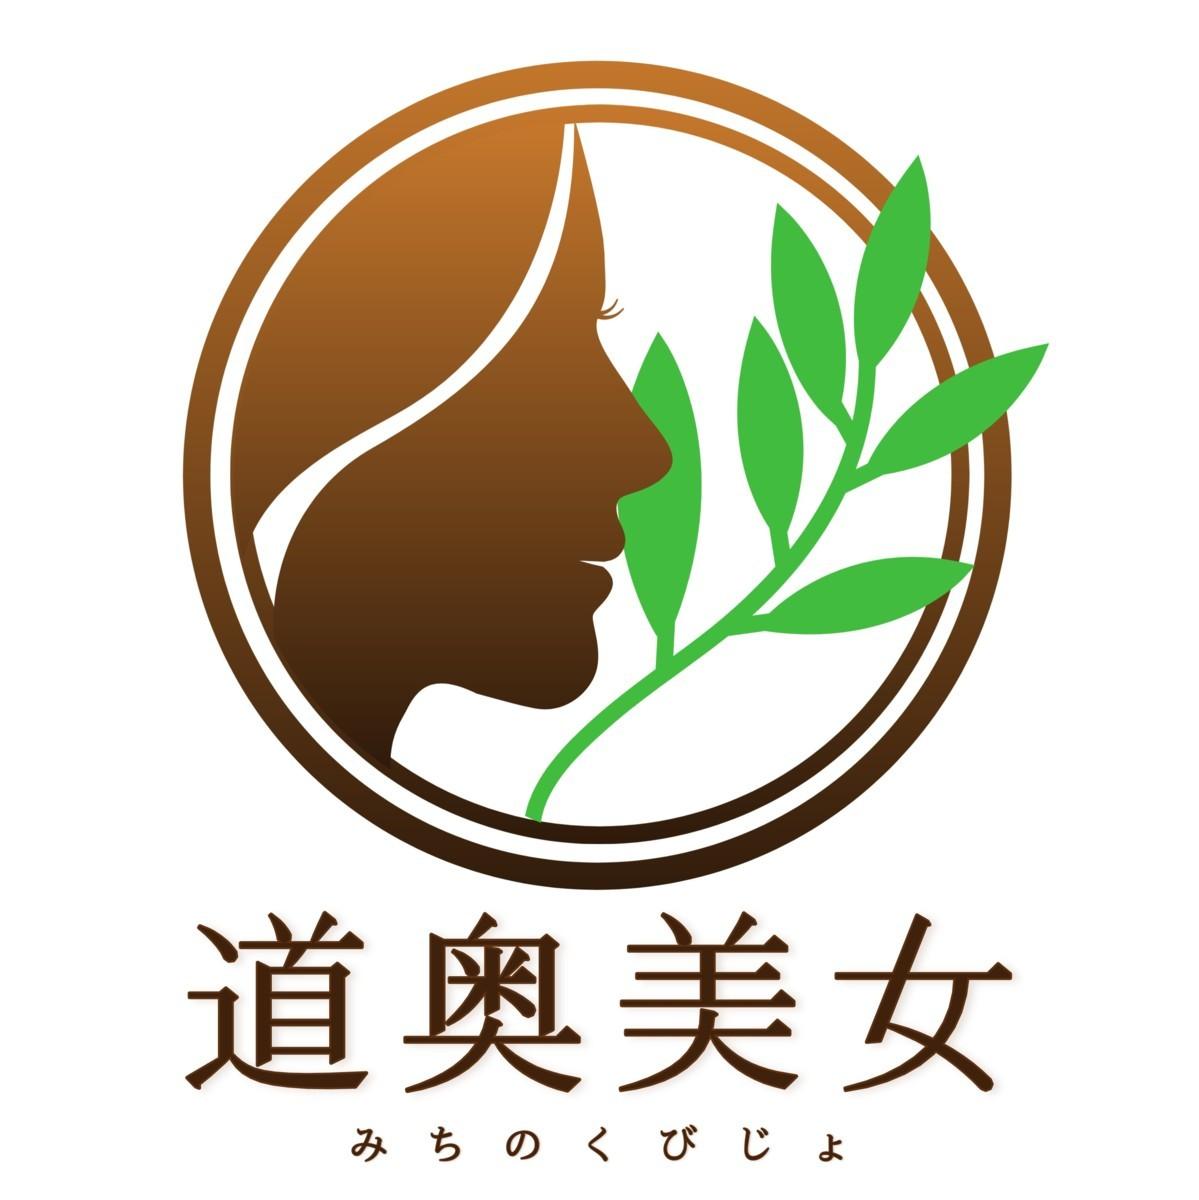 【ゆうパケット送料無料】安全で美味しい青森県産白にんにくバラ700g 日本のブランドにんにく「福地ホワイト六片」【8059】_画像7